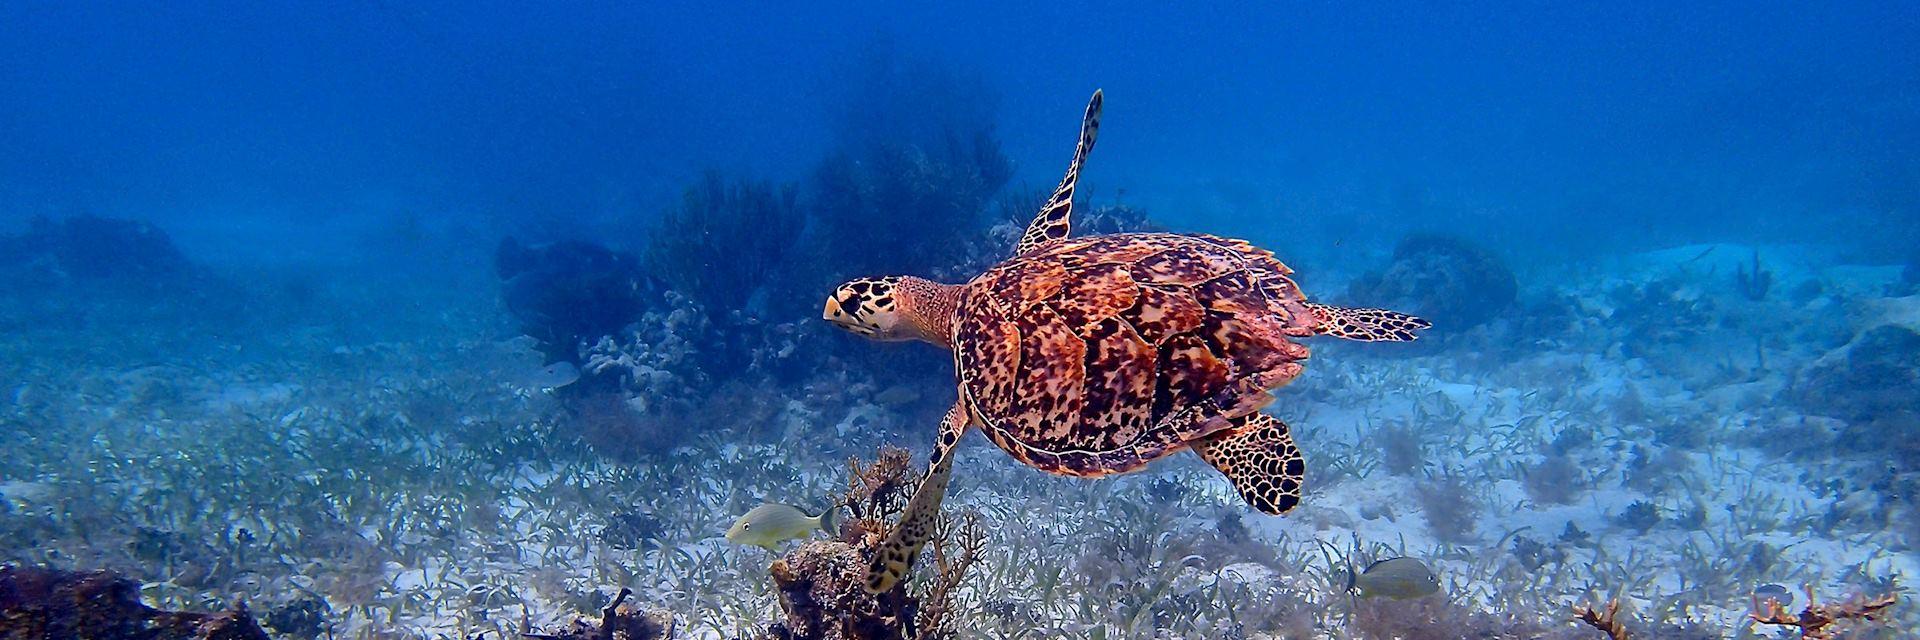 Sea turtle, Belize